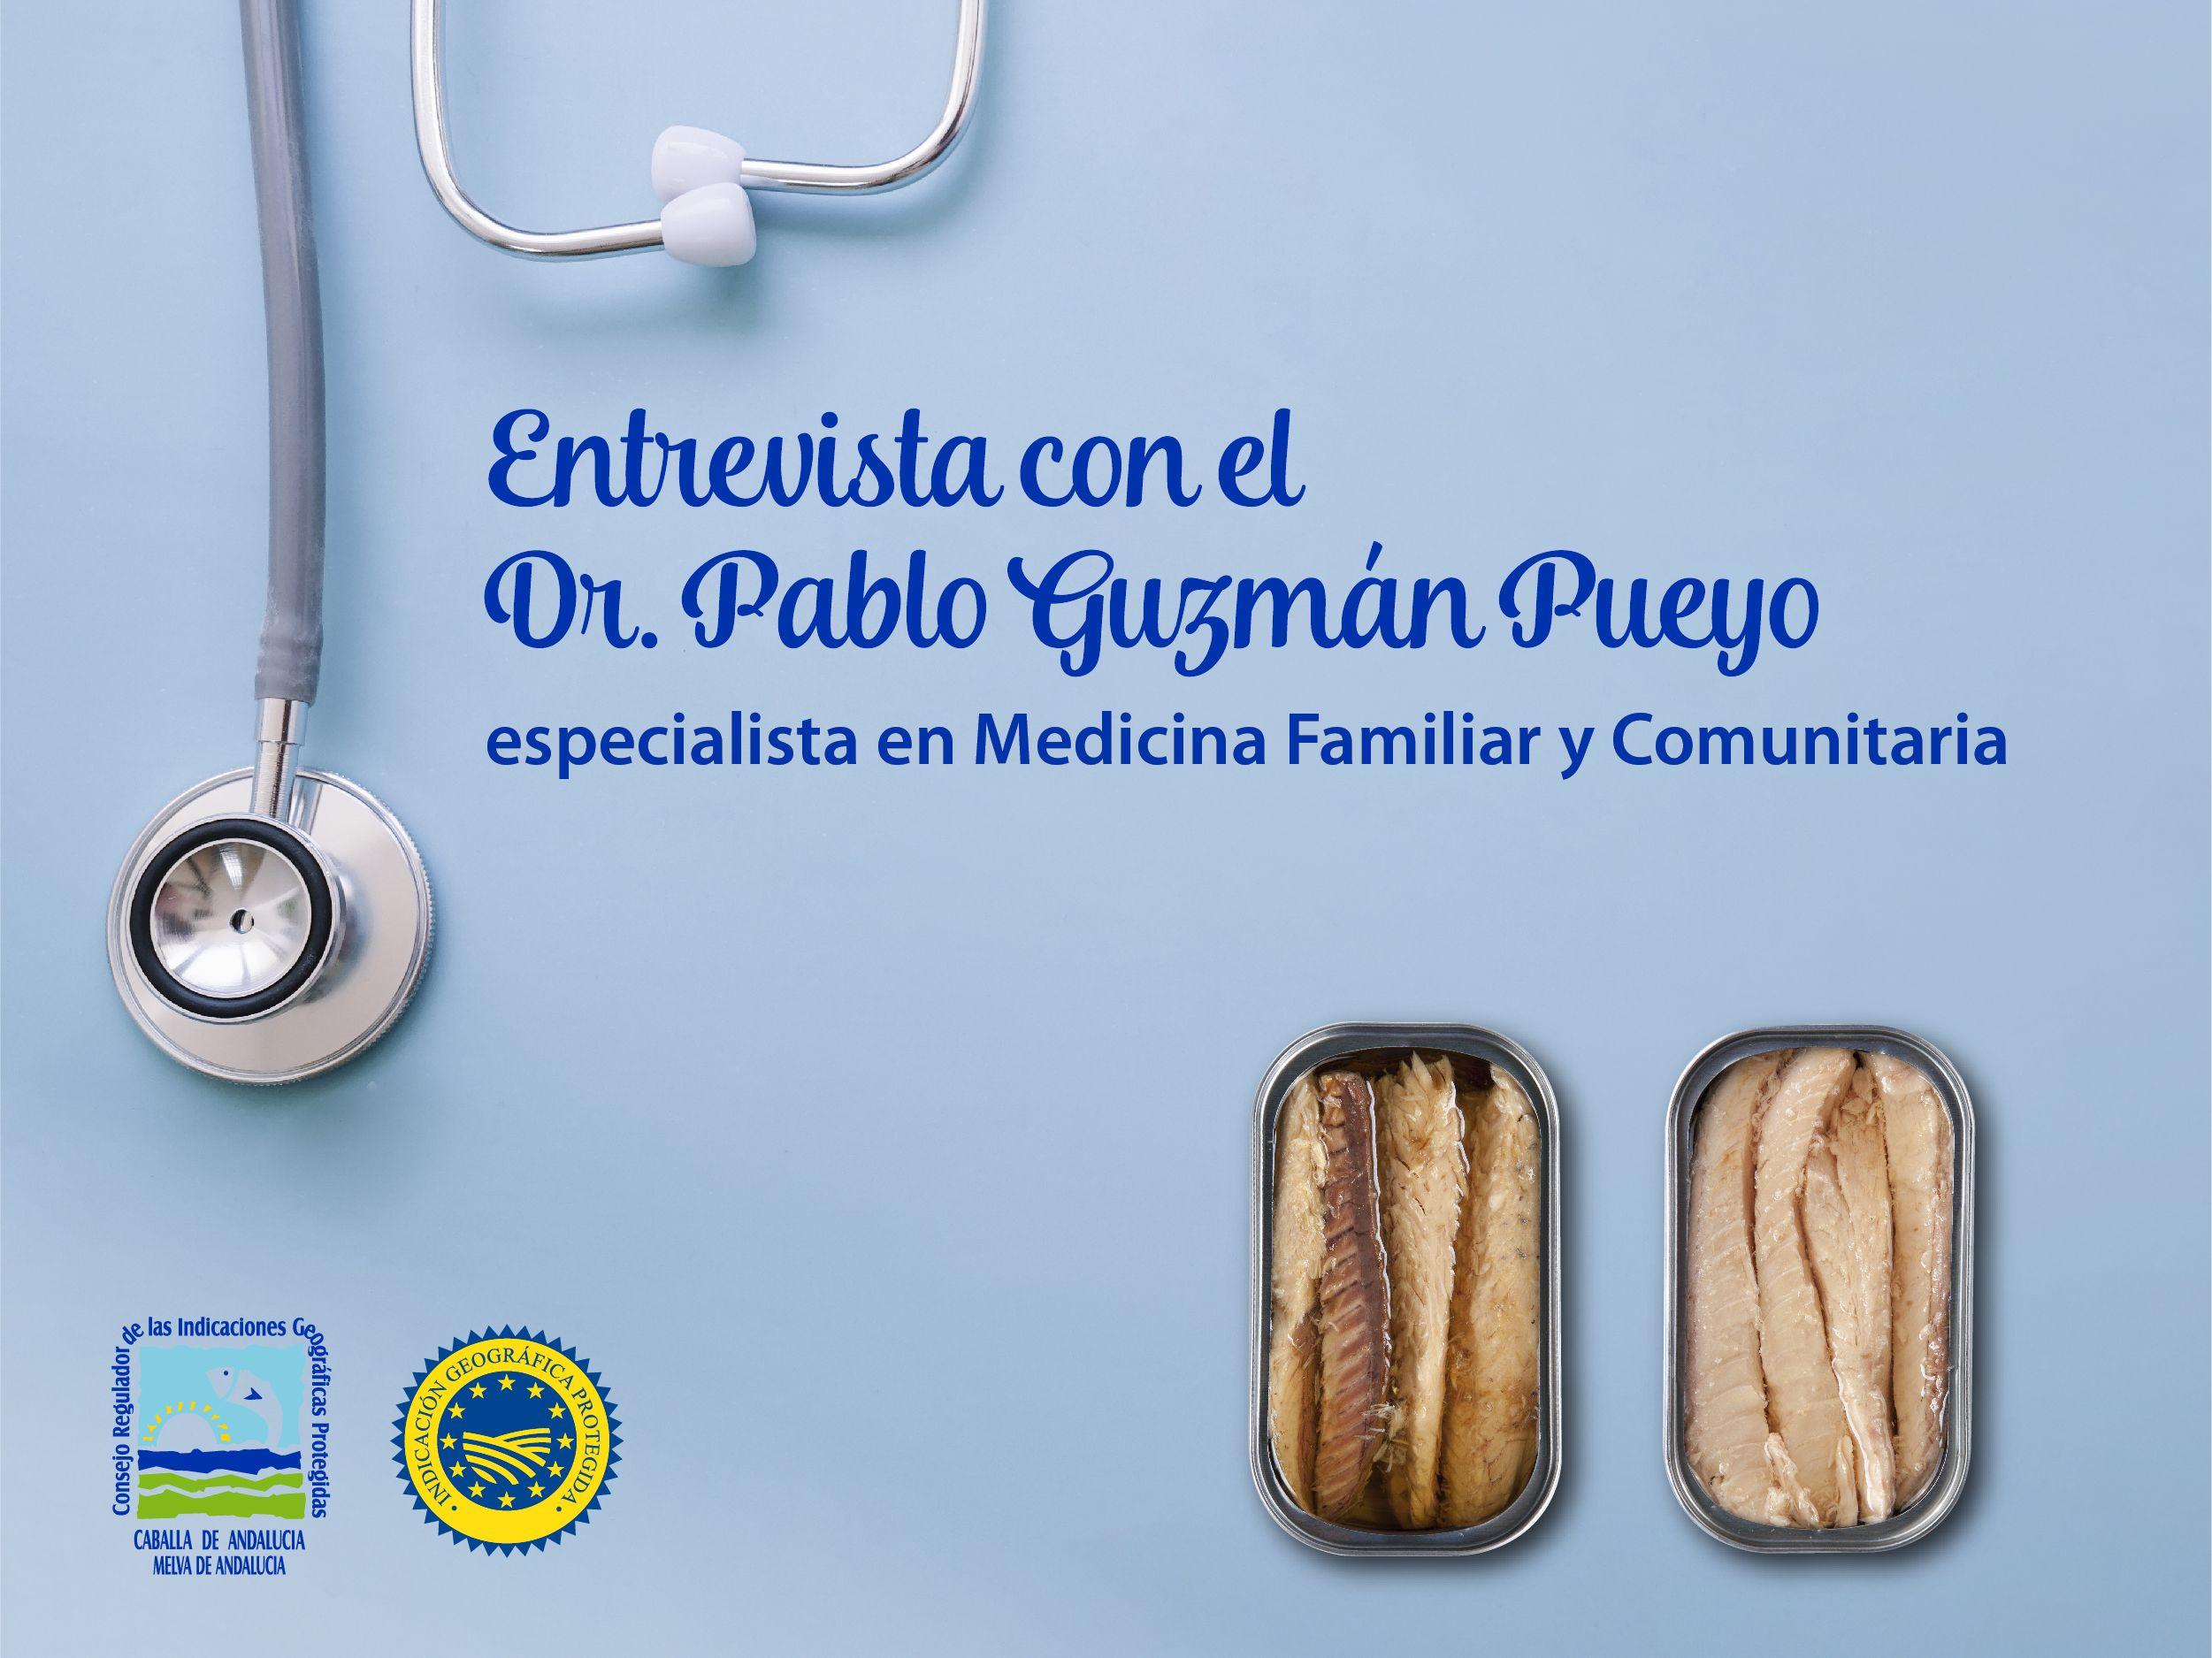 Entrevista con el doctor Pablo Guzmán Pueyo